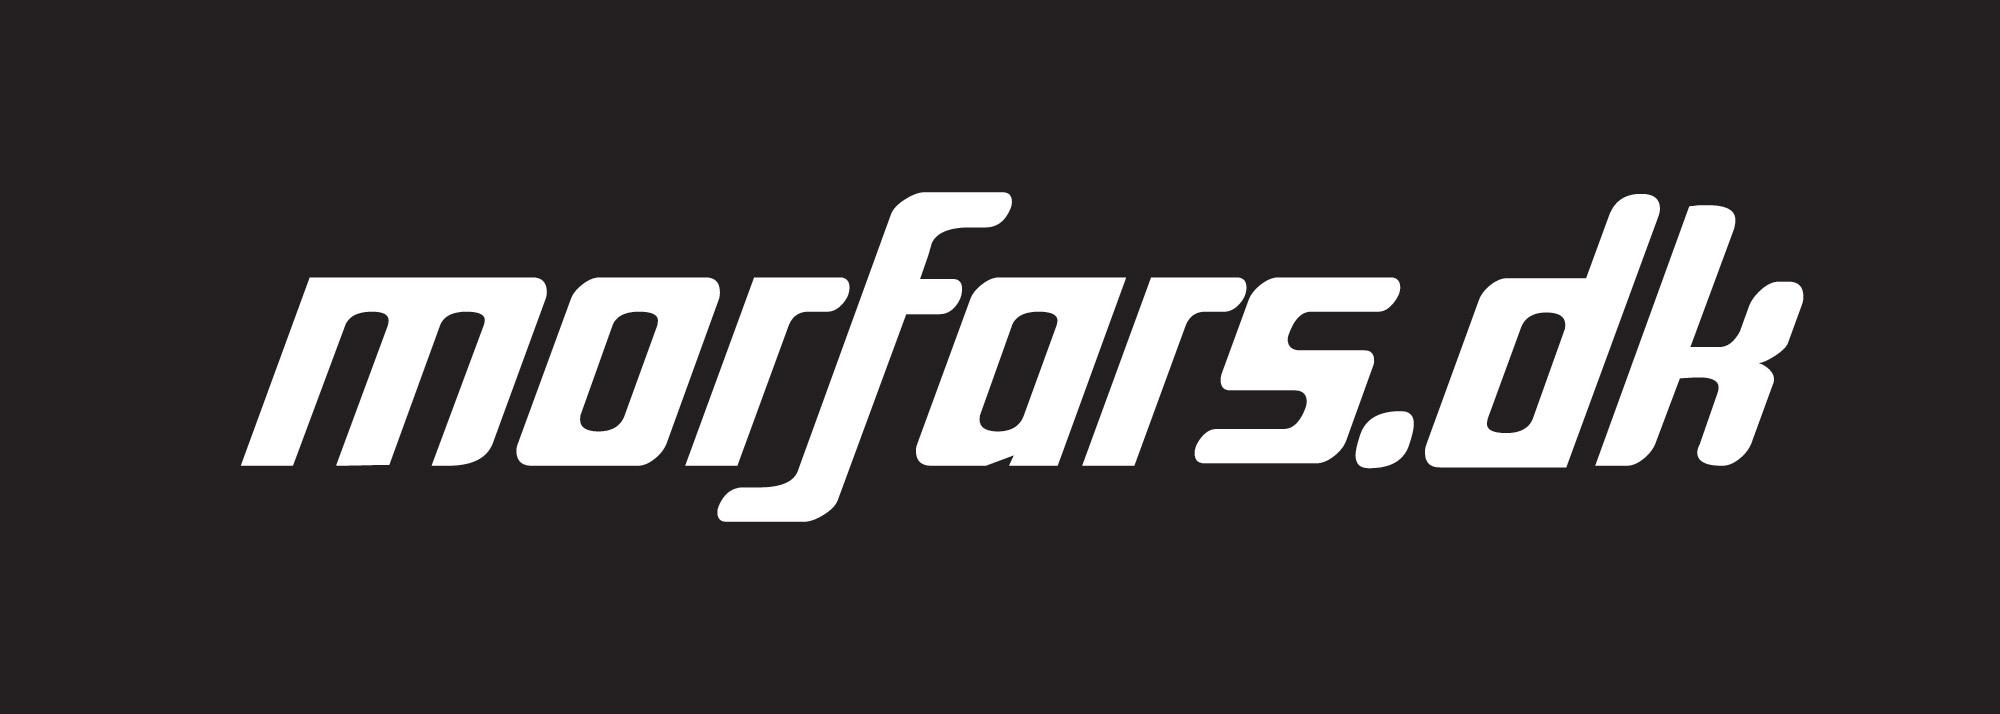 morfars.dk logo